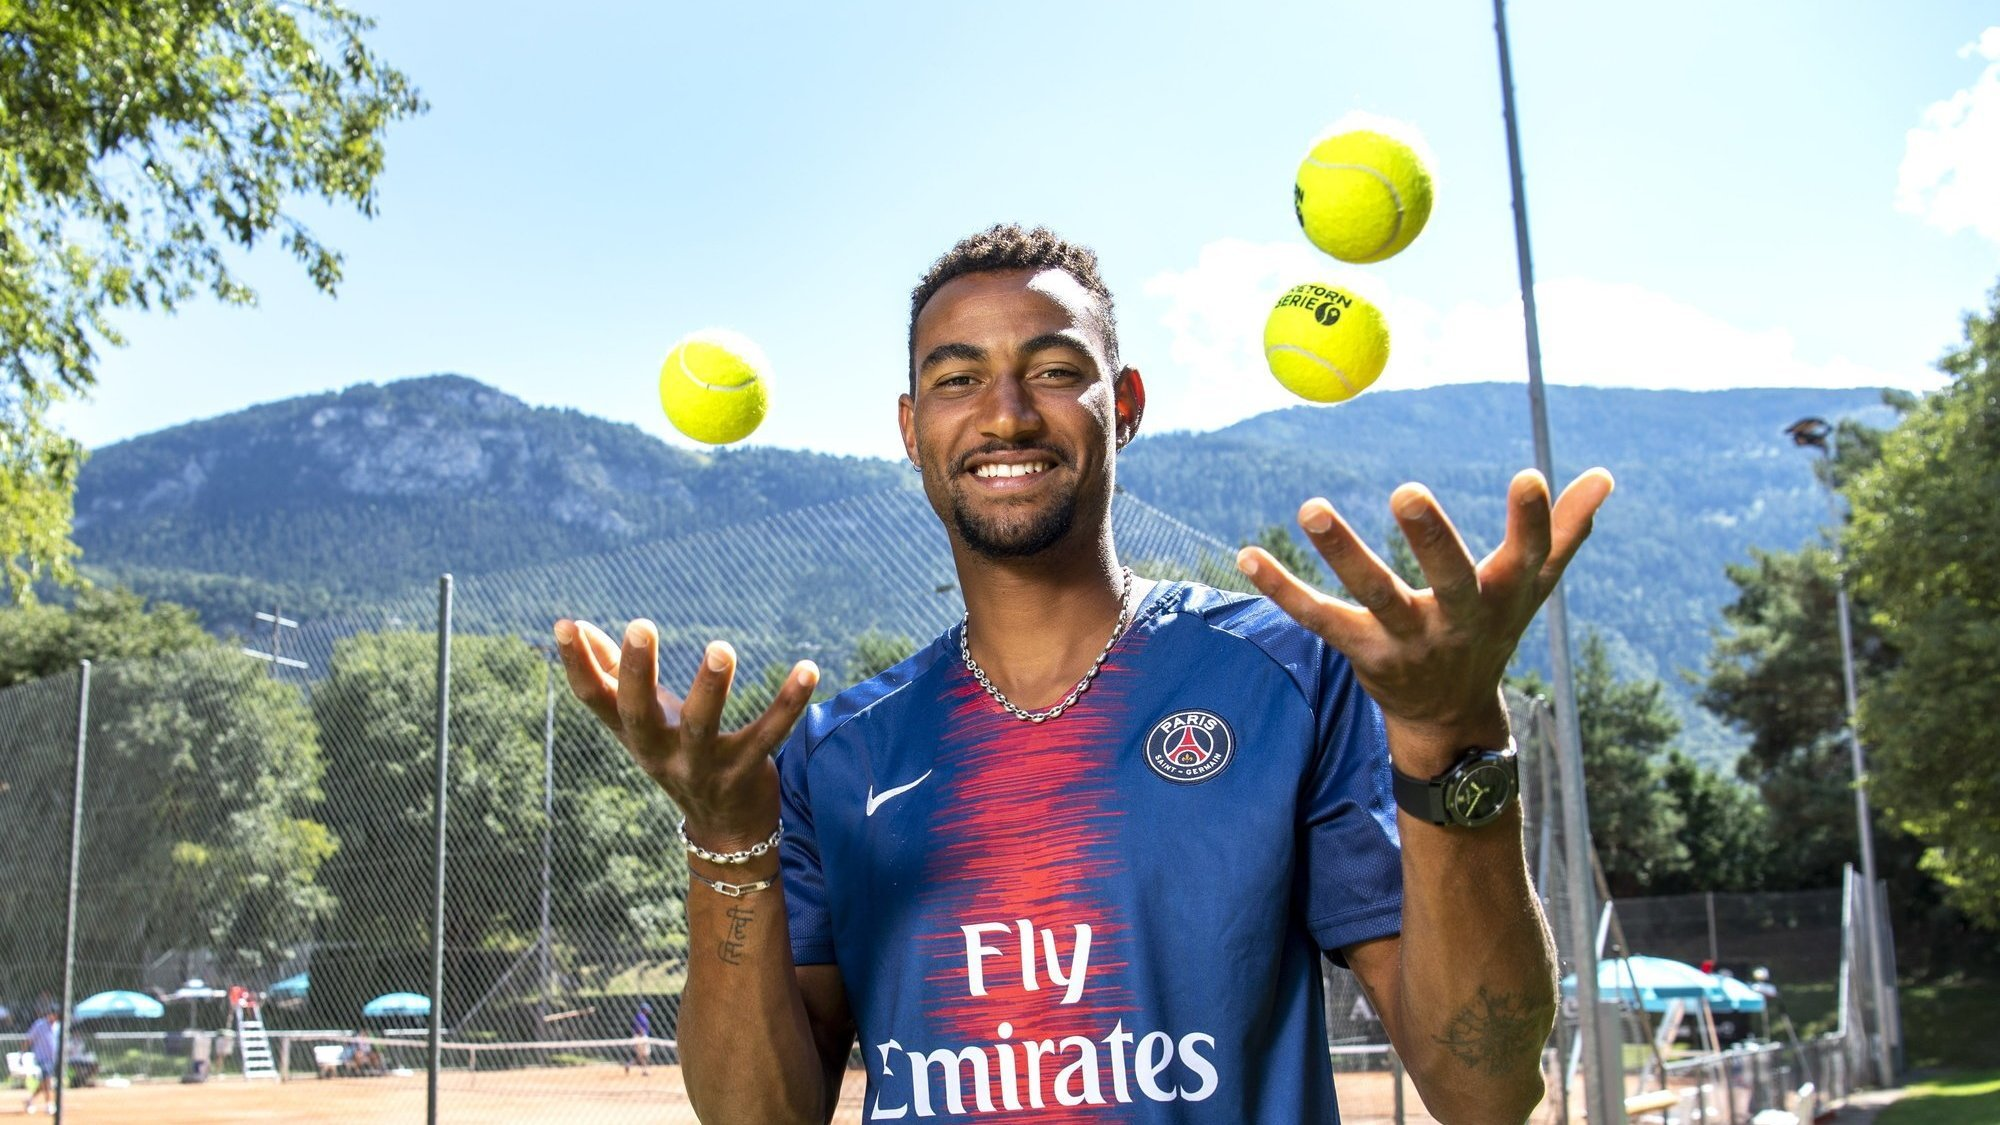 Calvin Hemery, le maillot du PSG sur les épaules, est surtout à l'aise avec des balles de tennis.